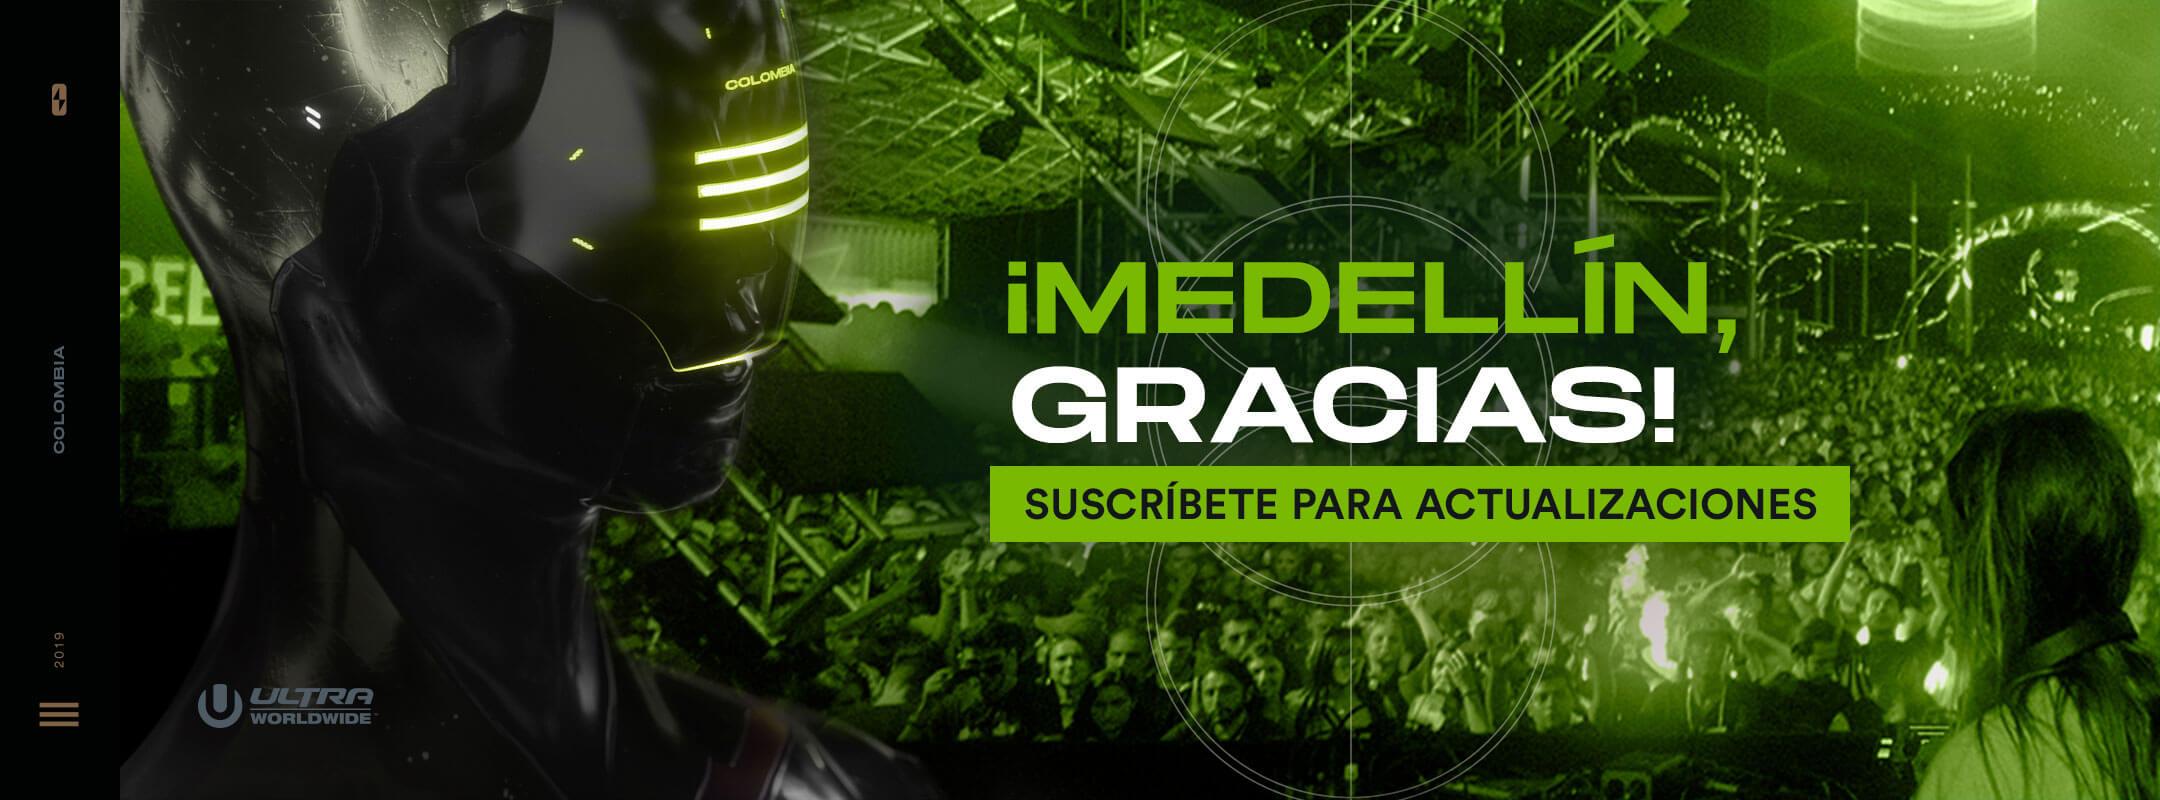 Recibe actualizaciones de RESISTANCE Medellín